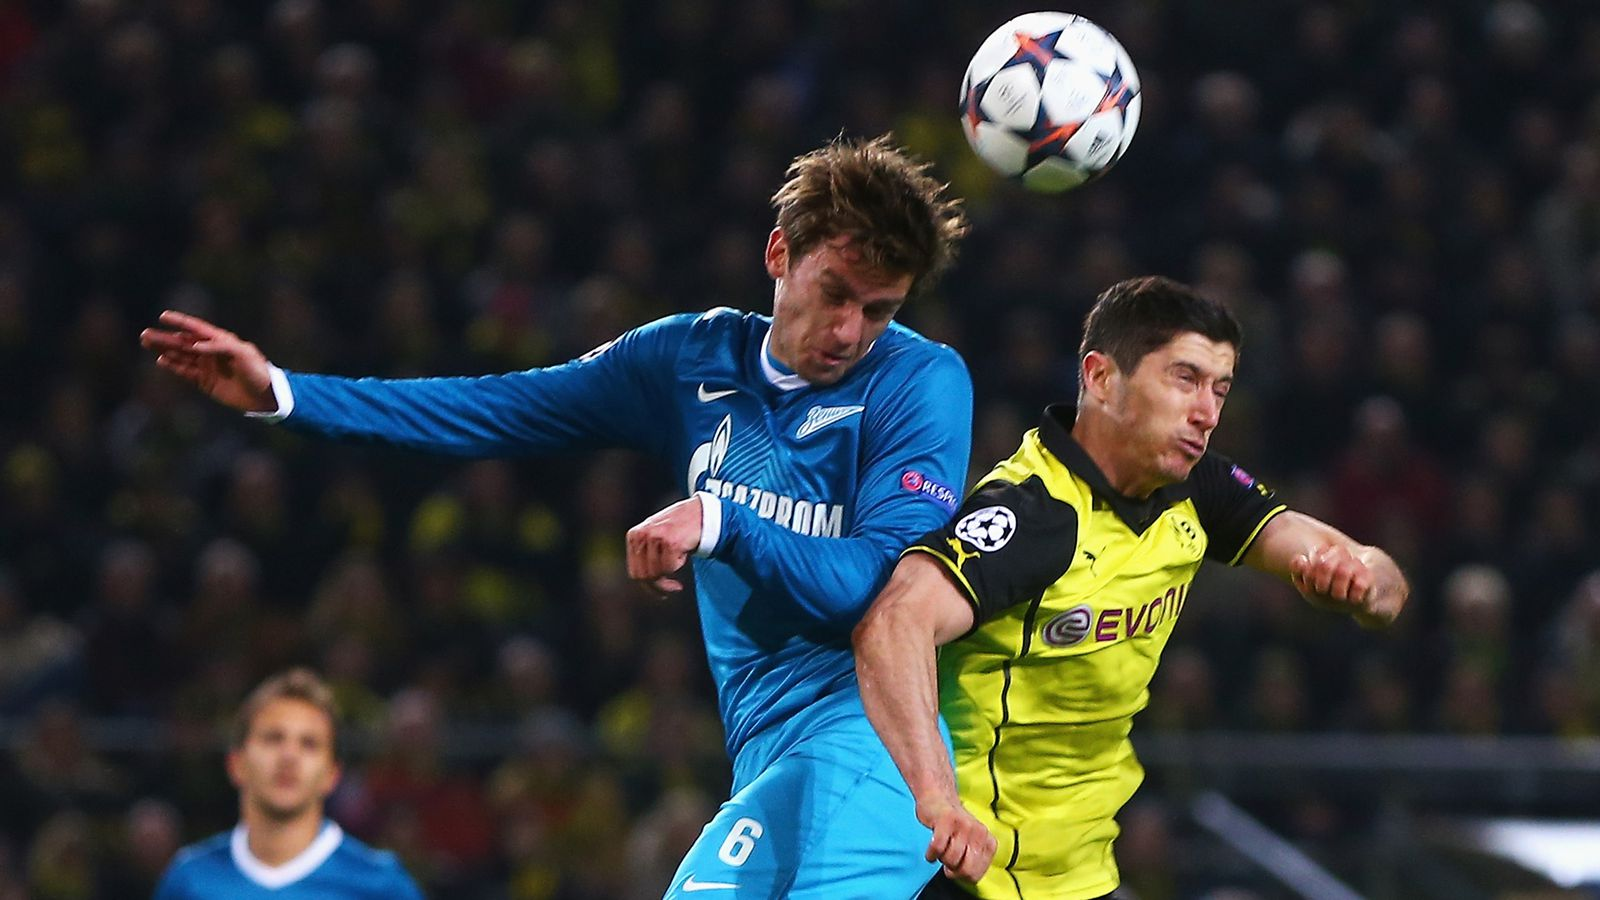 UEFA Champions League 2014, Borussia Dortmund vs. Zenit St ...